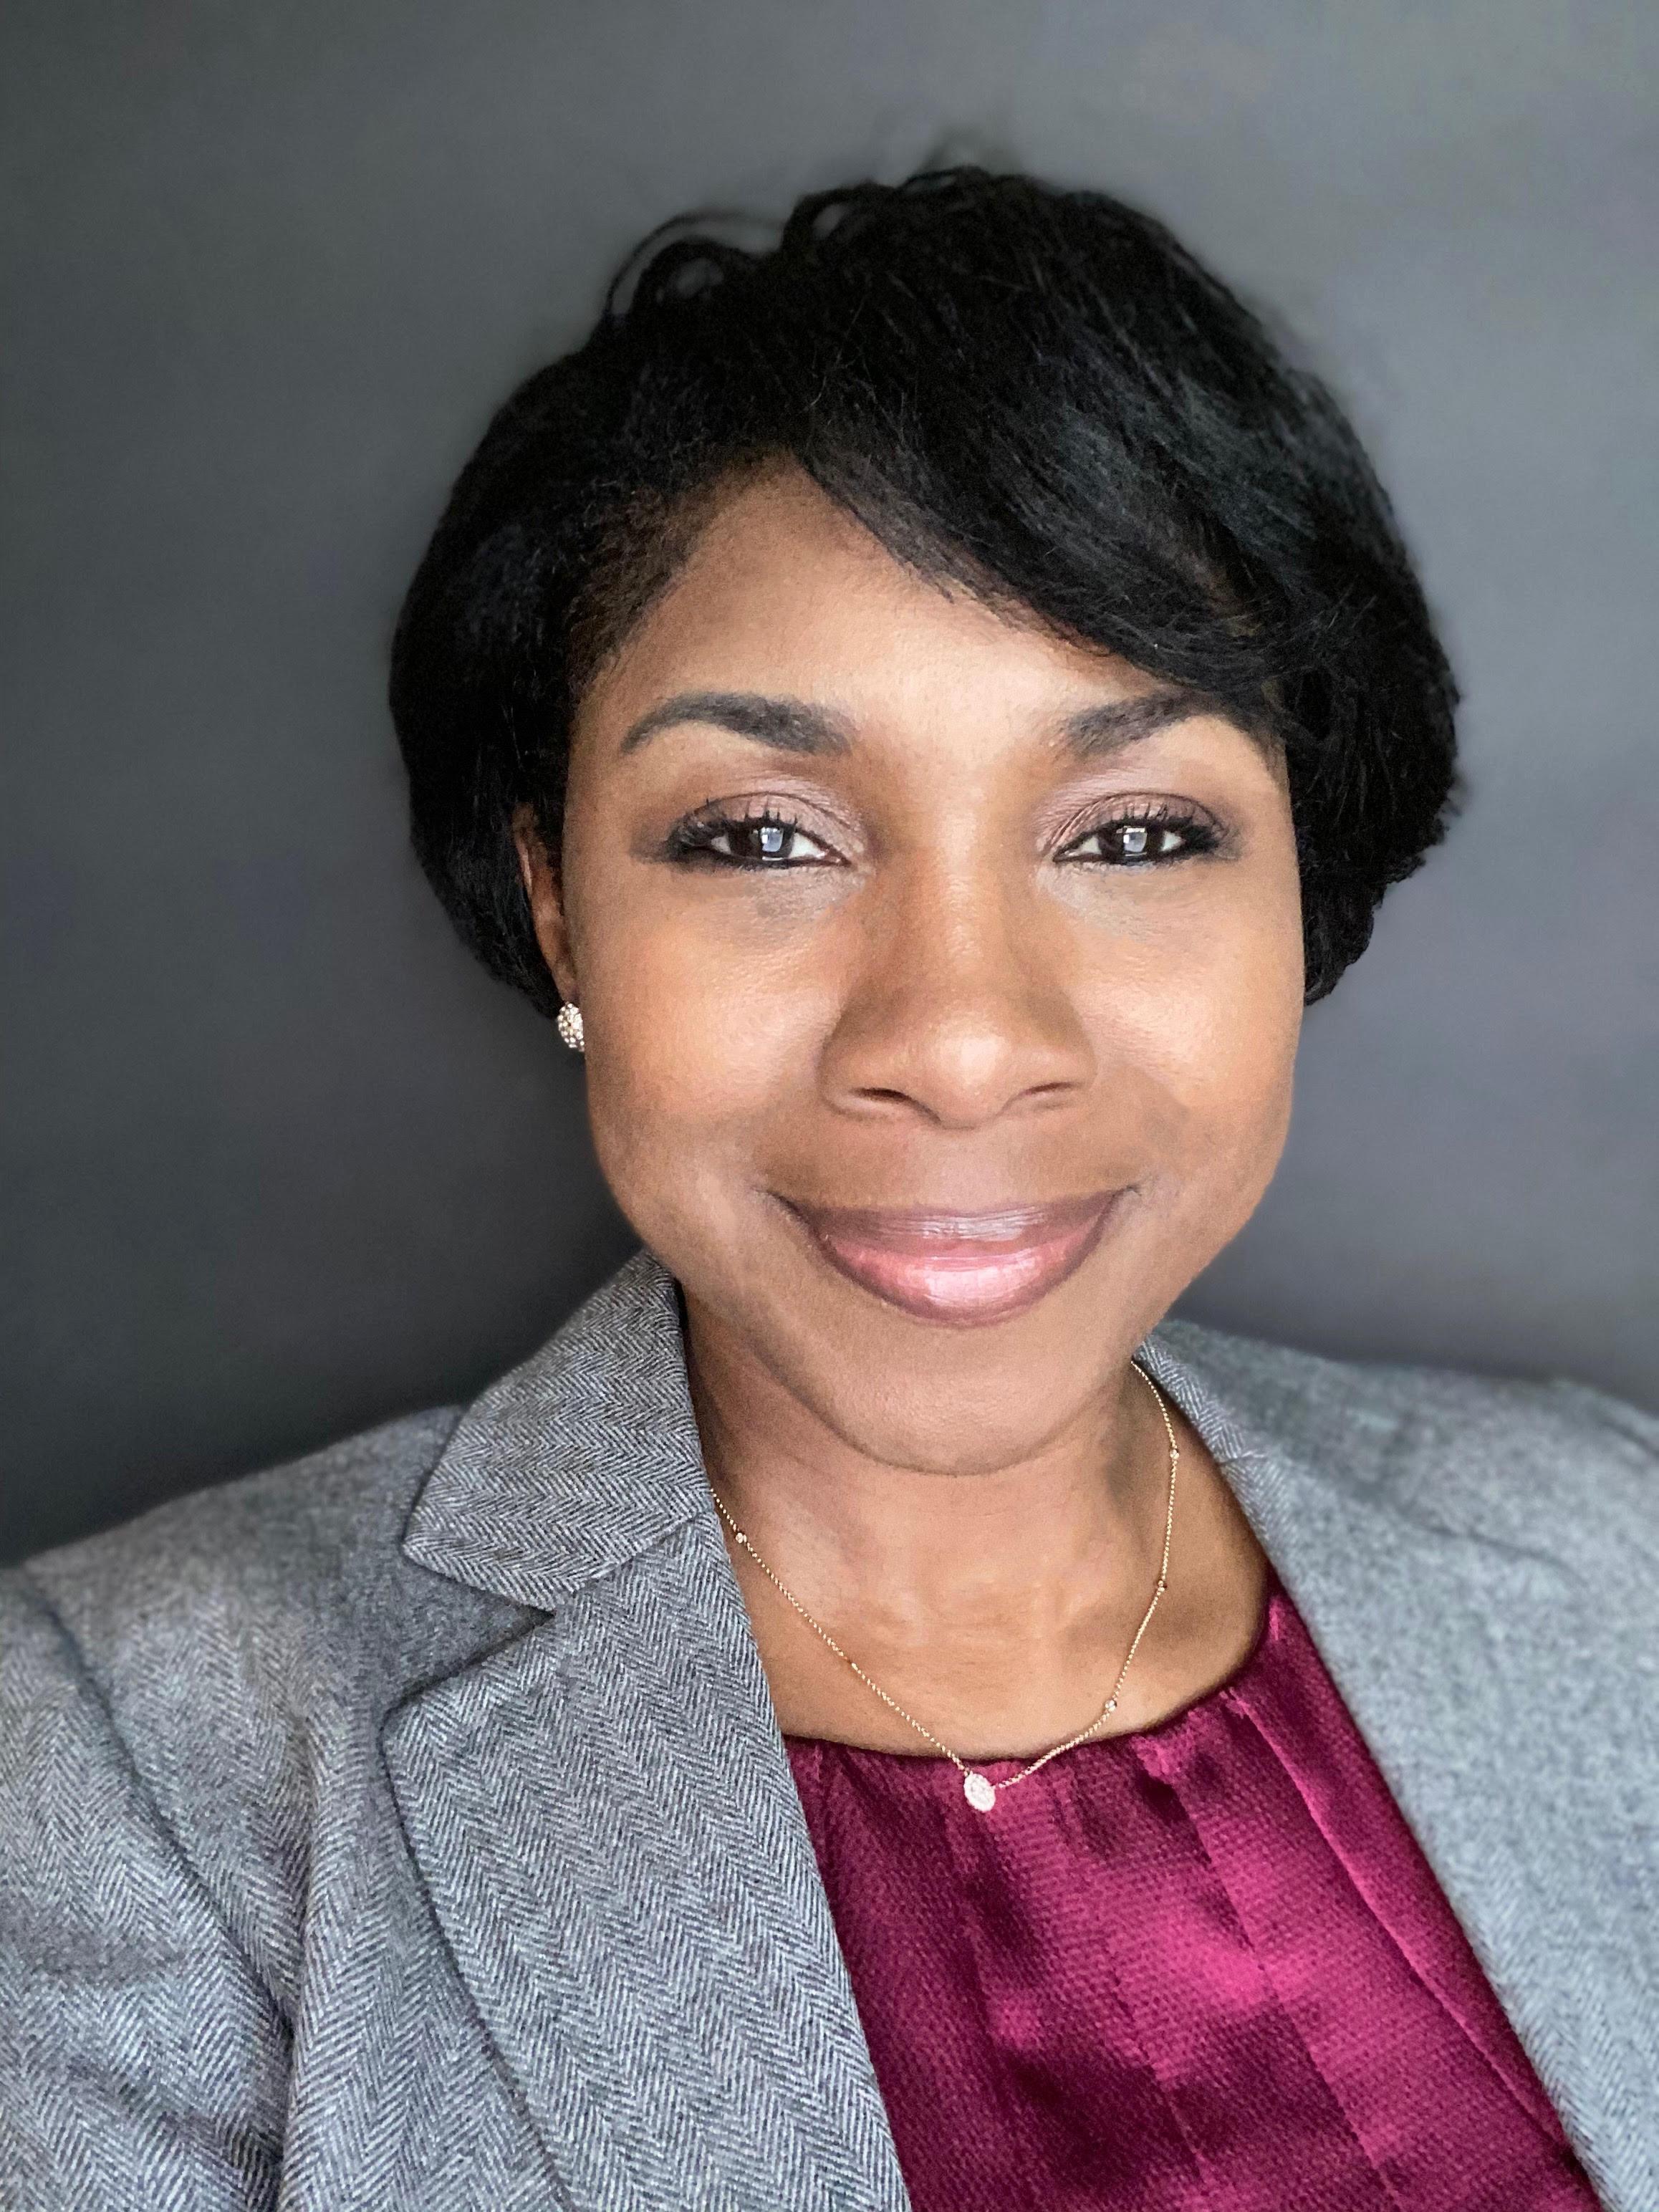 Yeneba Smith